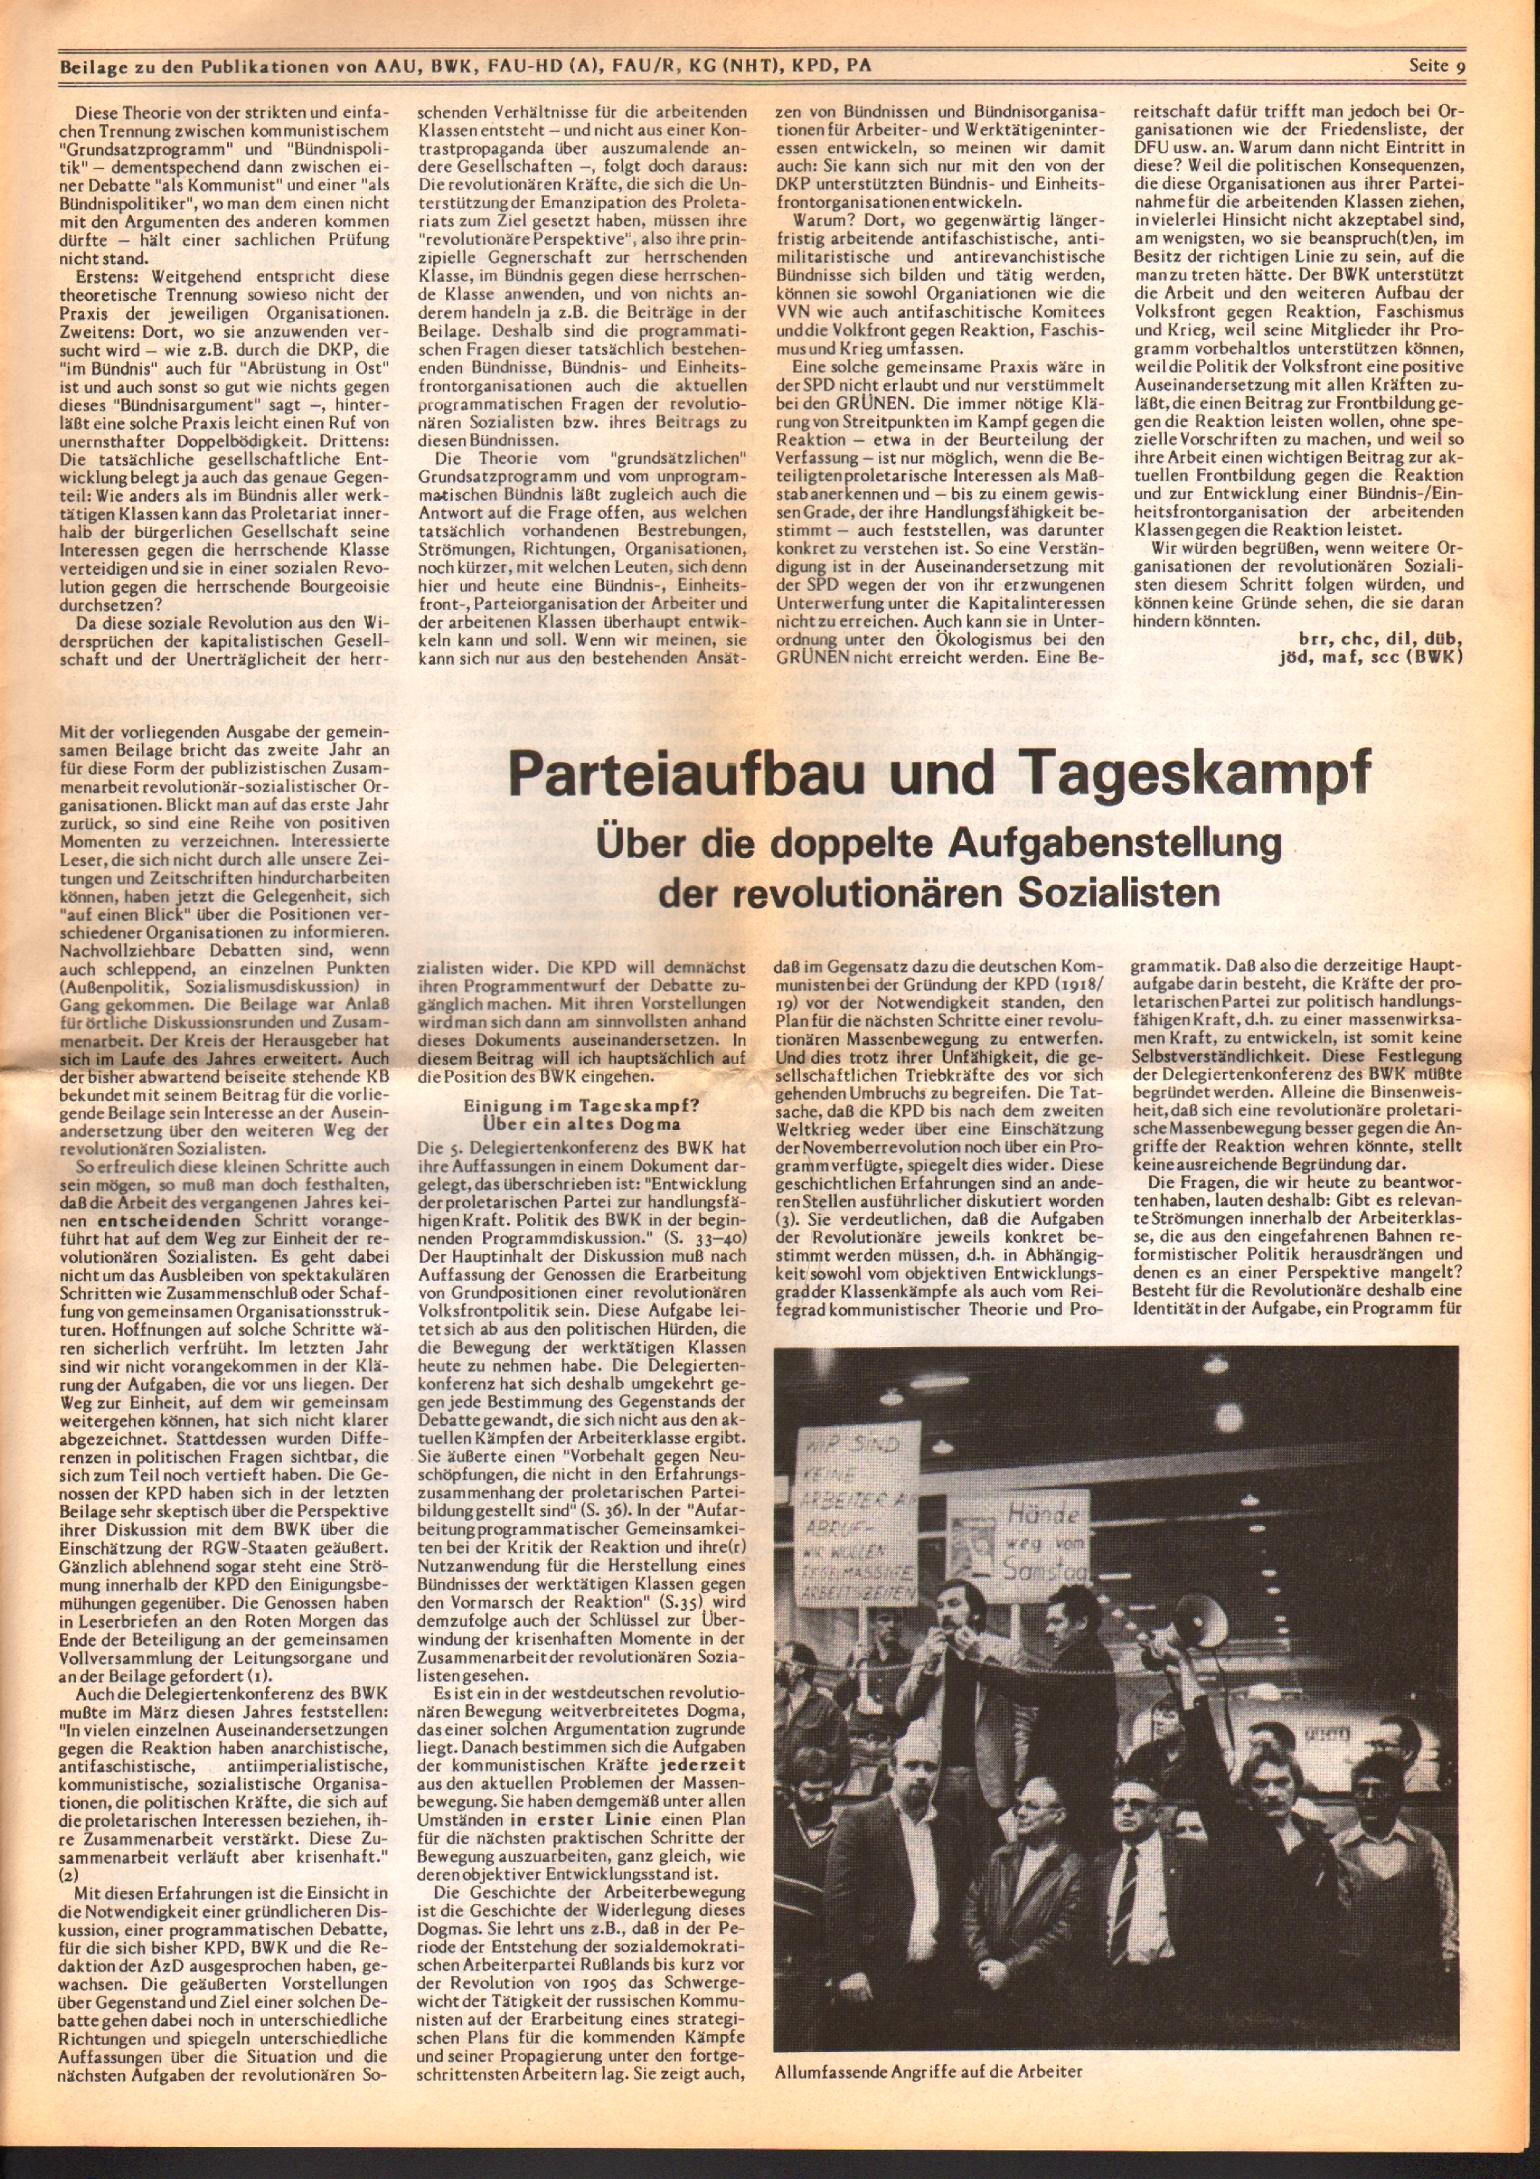 Gemeinsame_Beilage_1985_02_09